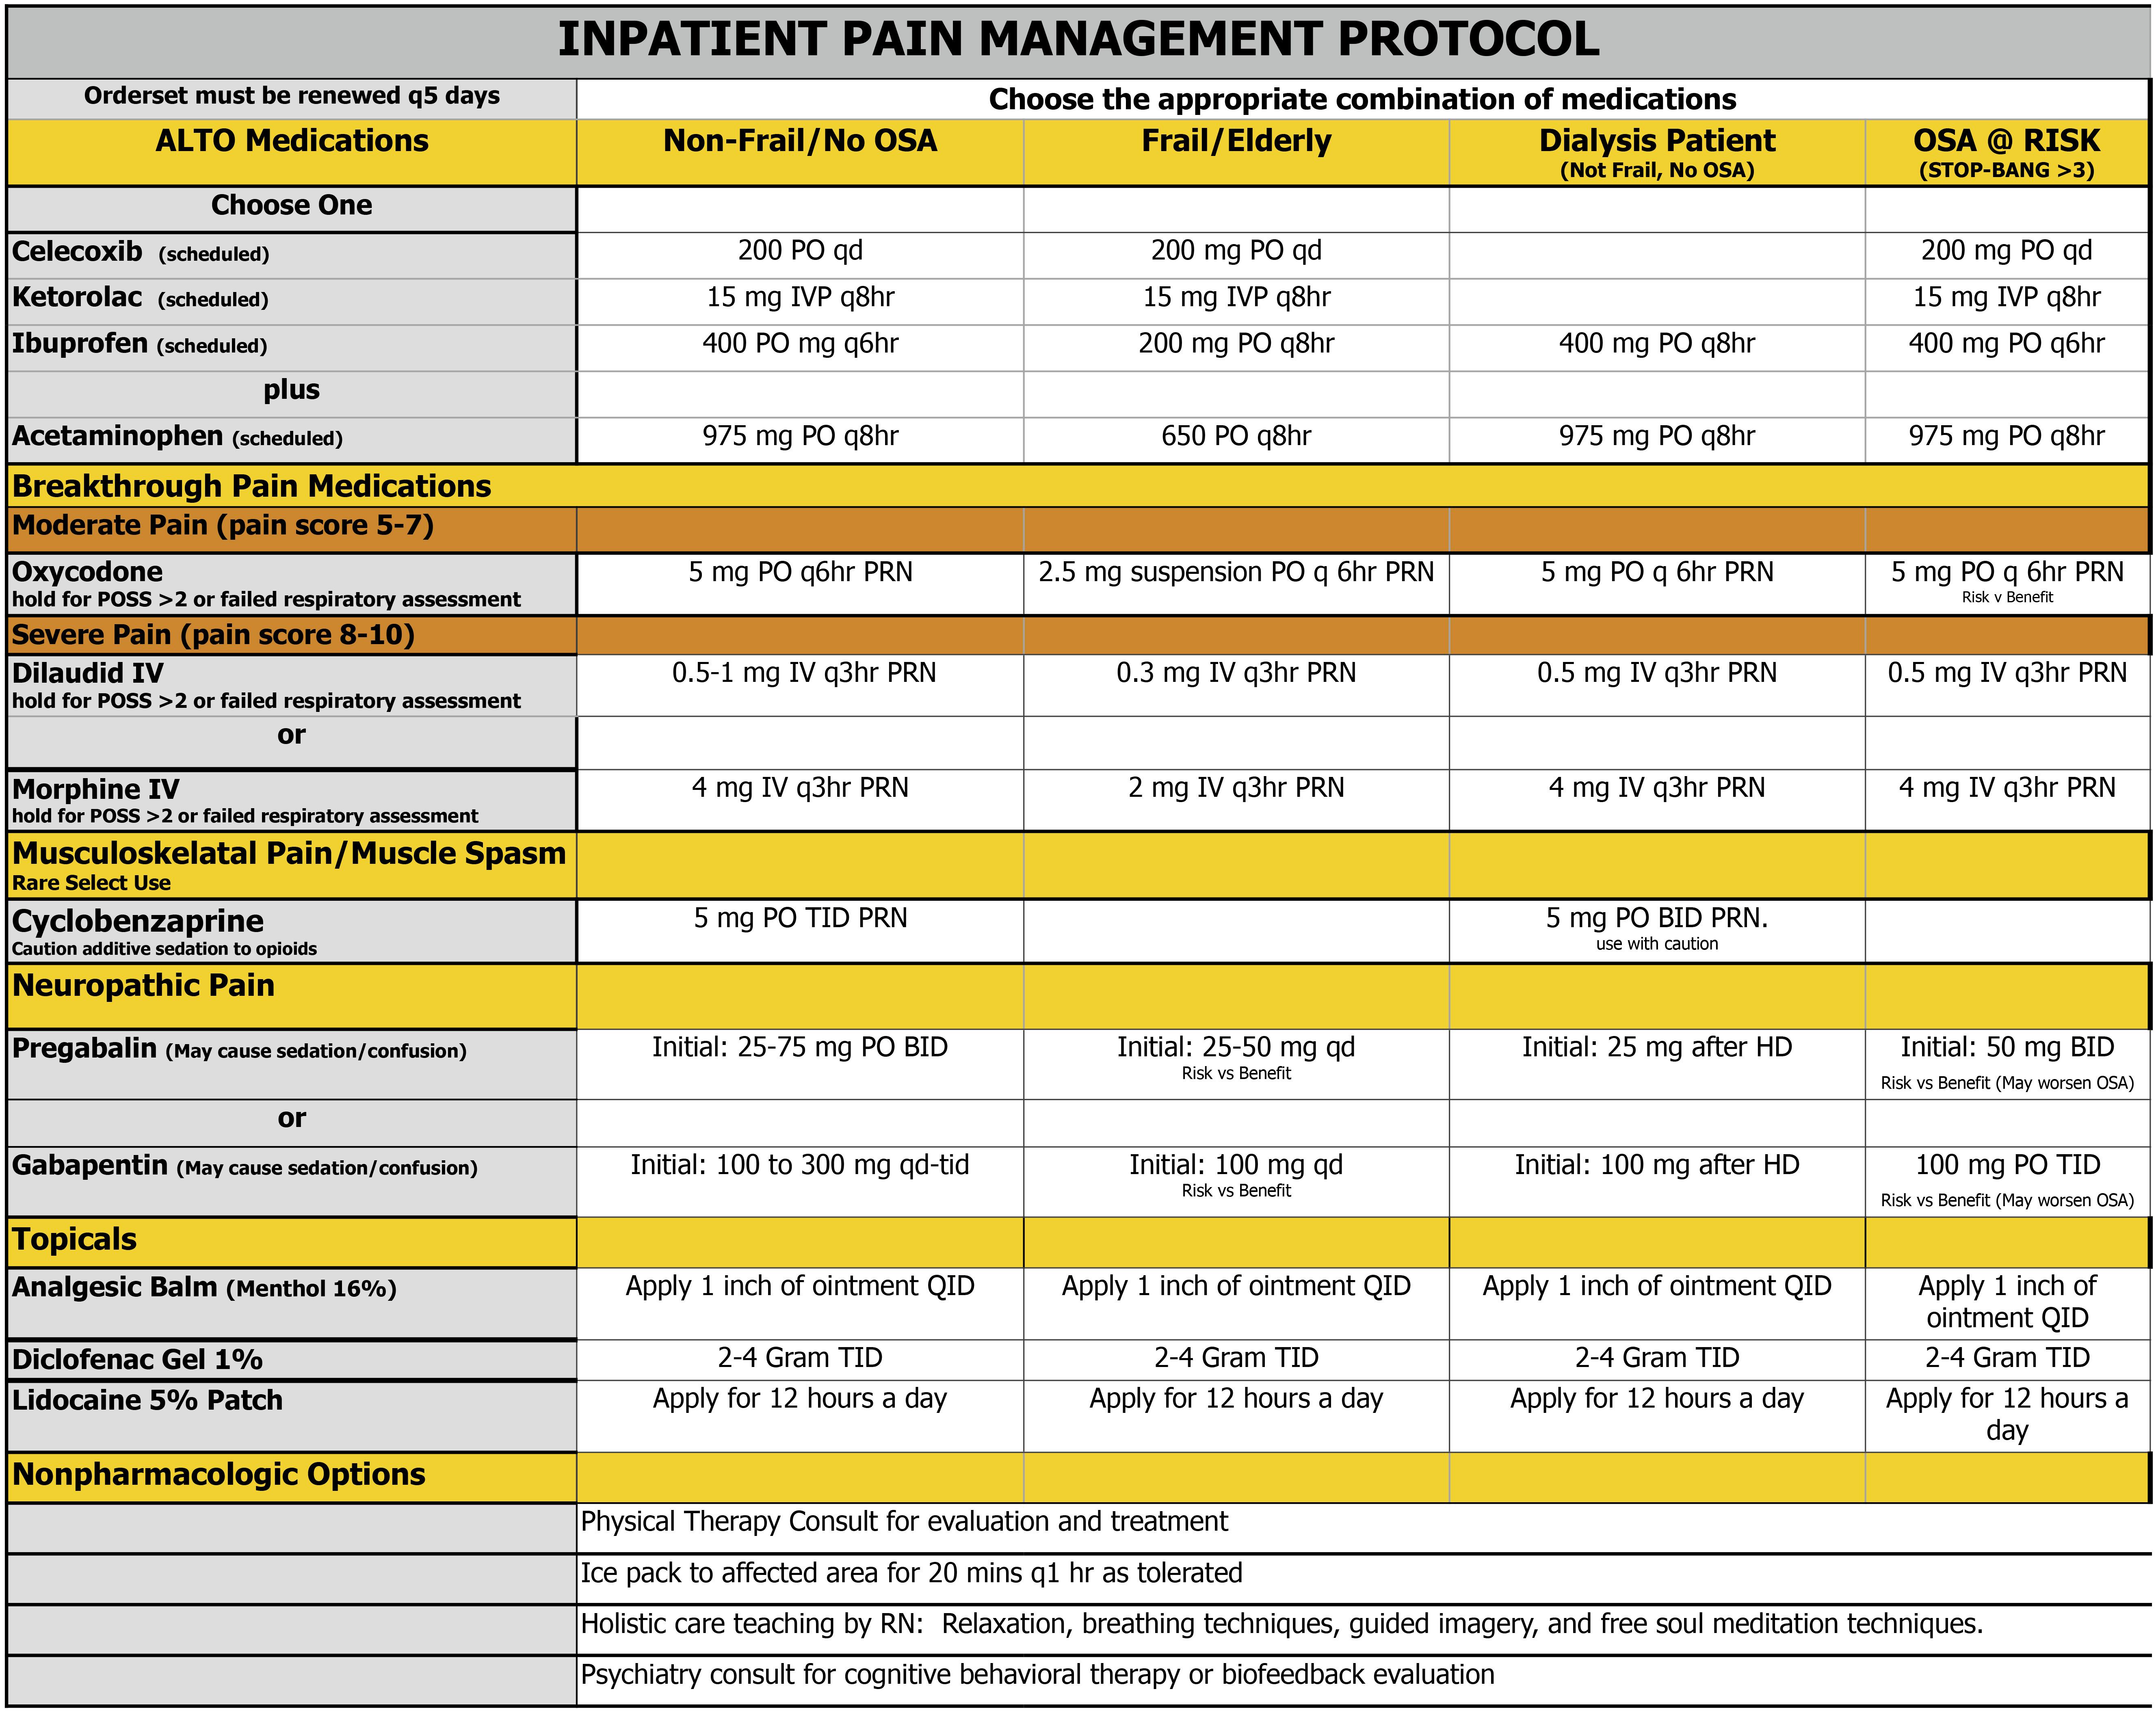 ALTO Inpatient Pain Protocol No SE copy_07.13.21